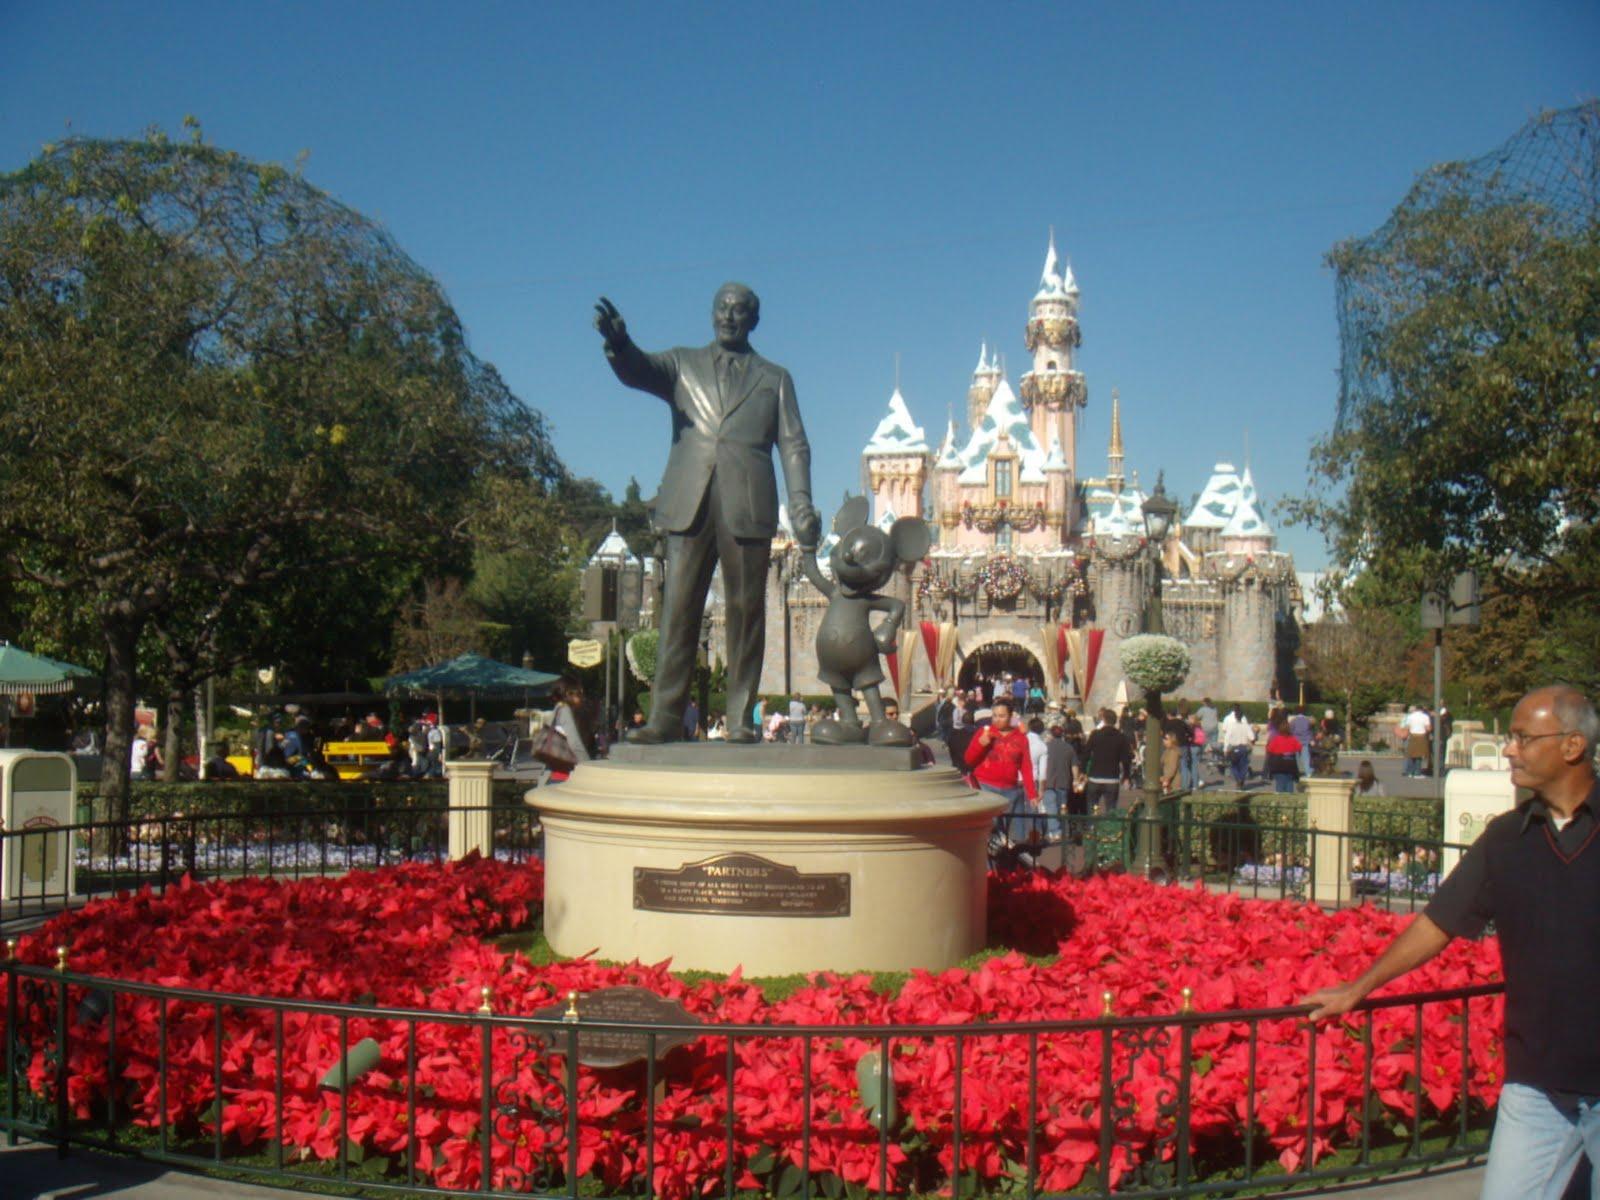 Joyce And Ernie's Big Adventure: Disneyland in December